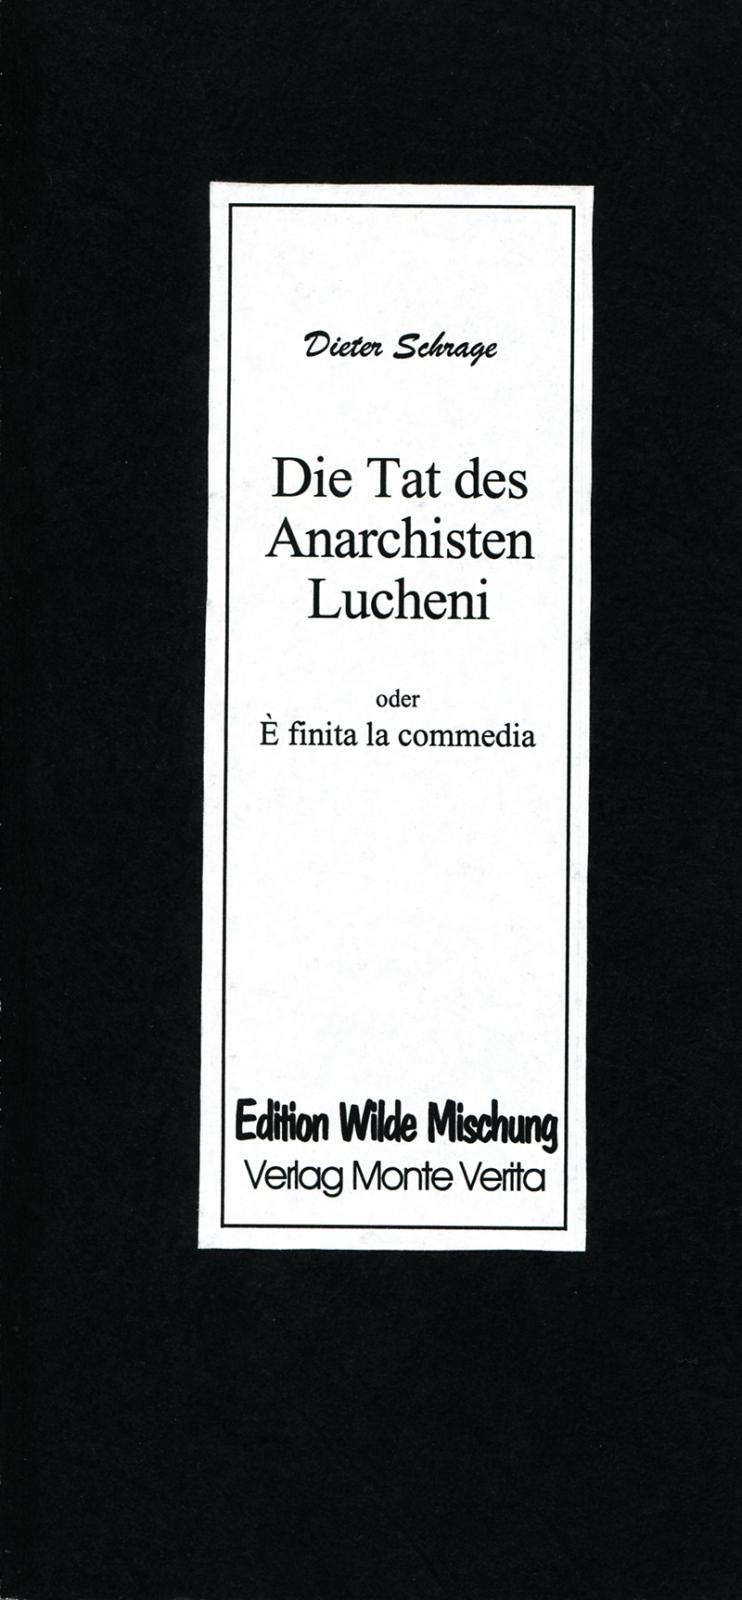 Die Tat des Anarchisten Lucheni